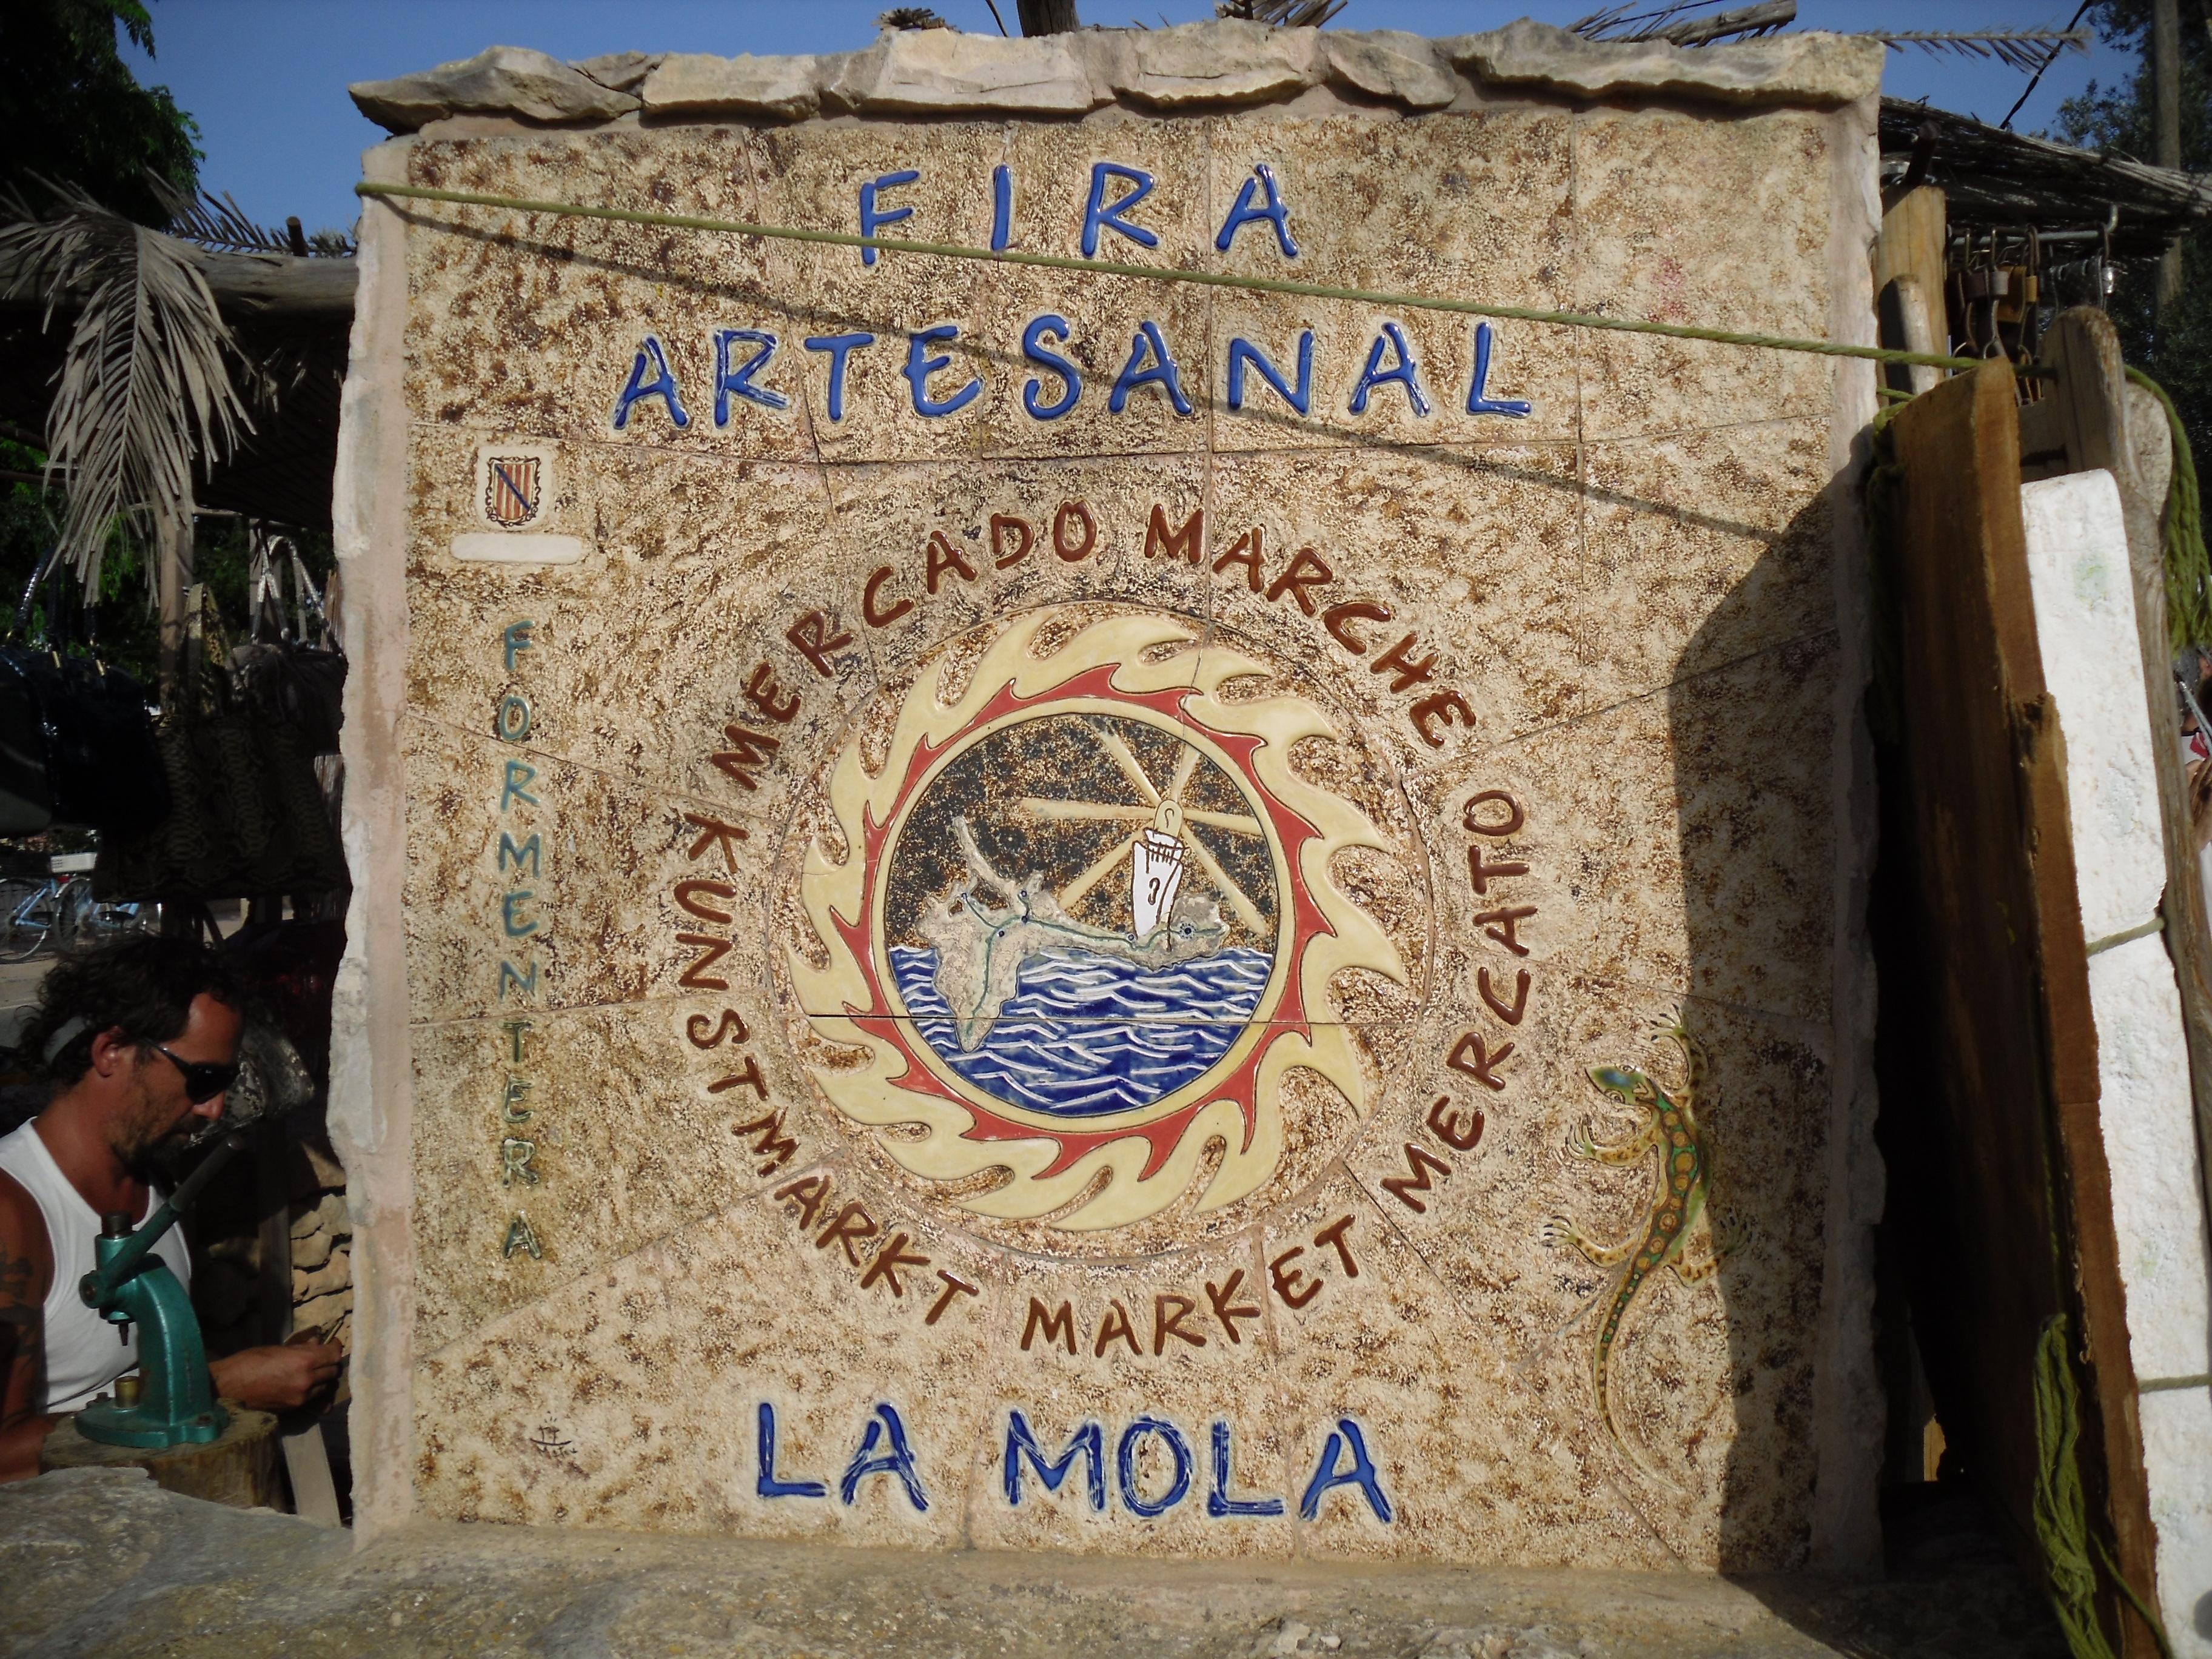 Mercado artesanal de La Mola